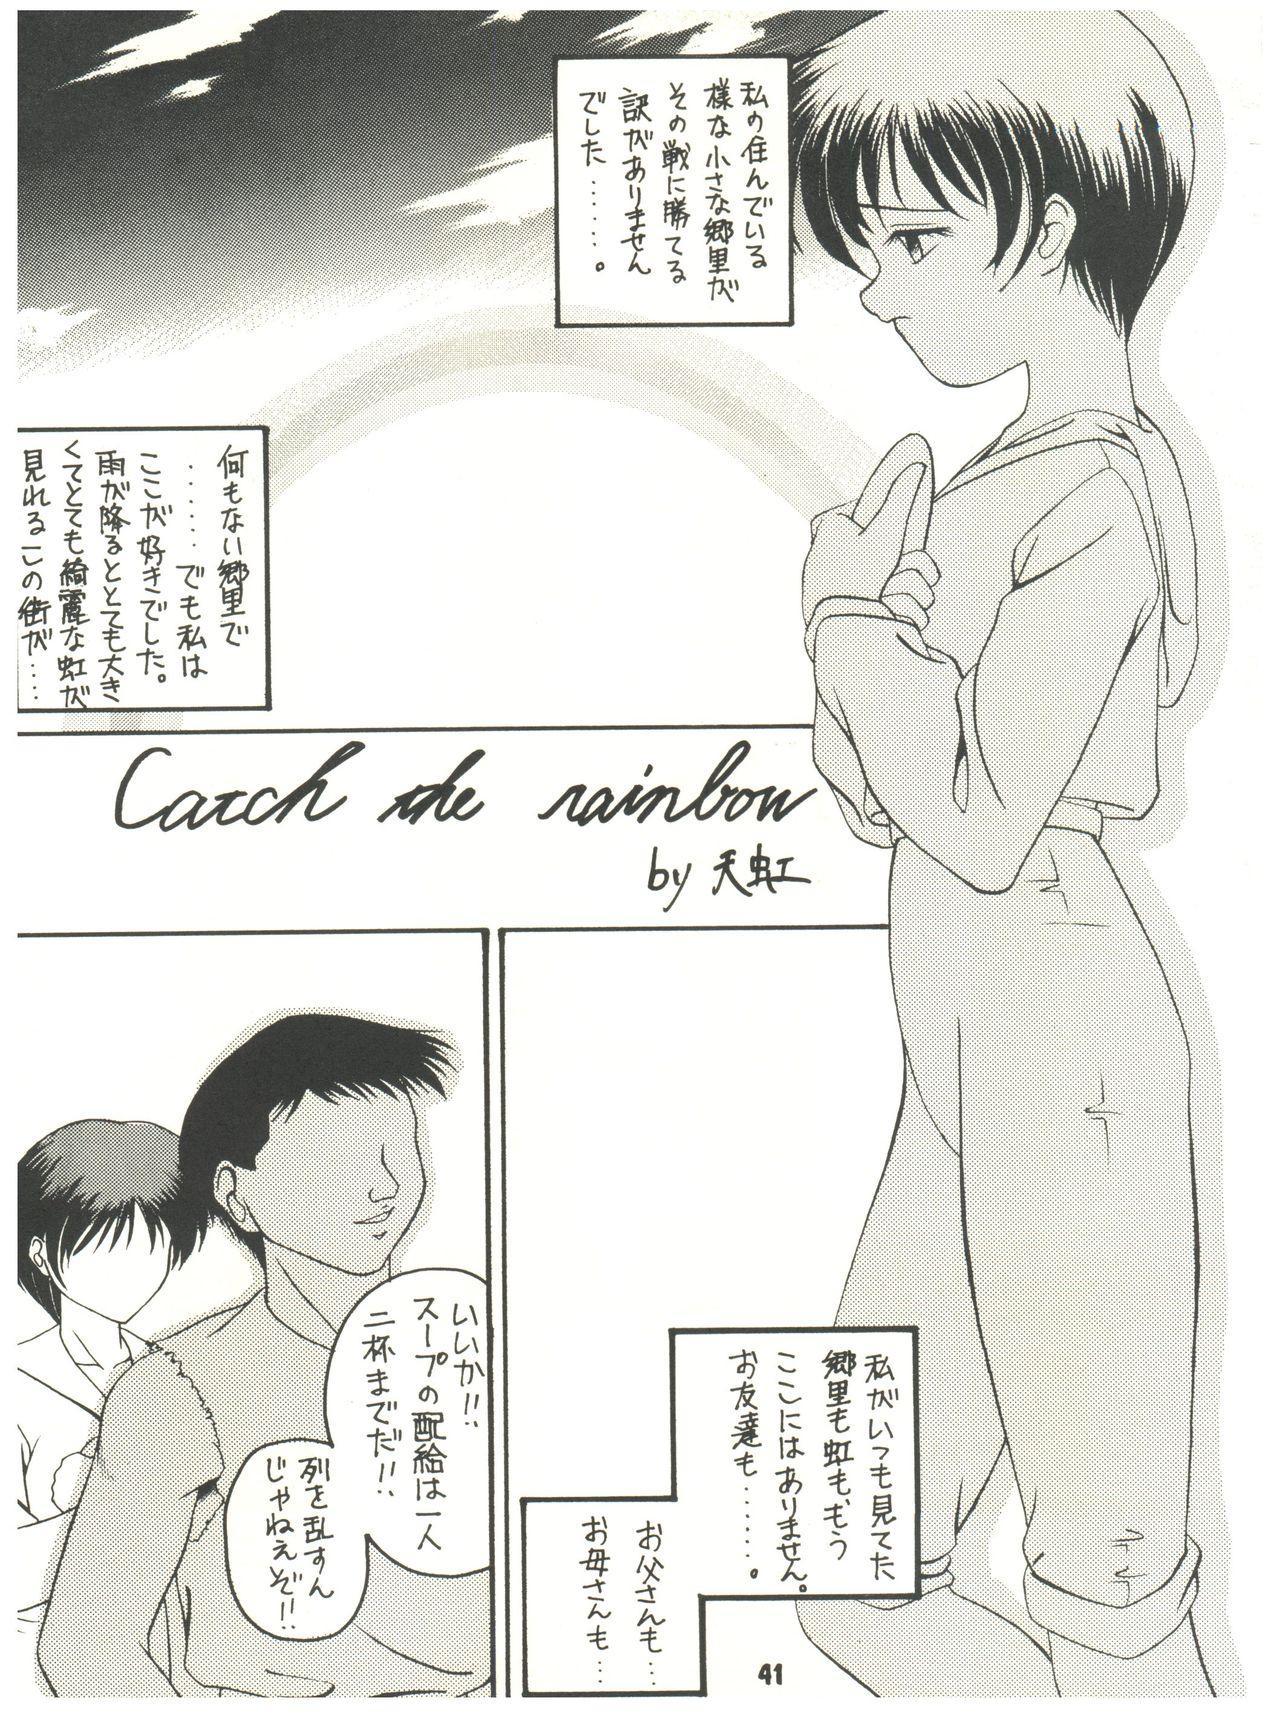 [Sairo Publishing (J. Sairo) En-Jack 2 (Various) 40